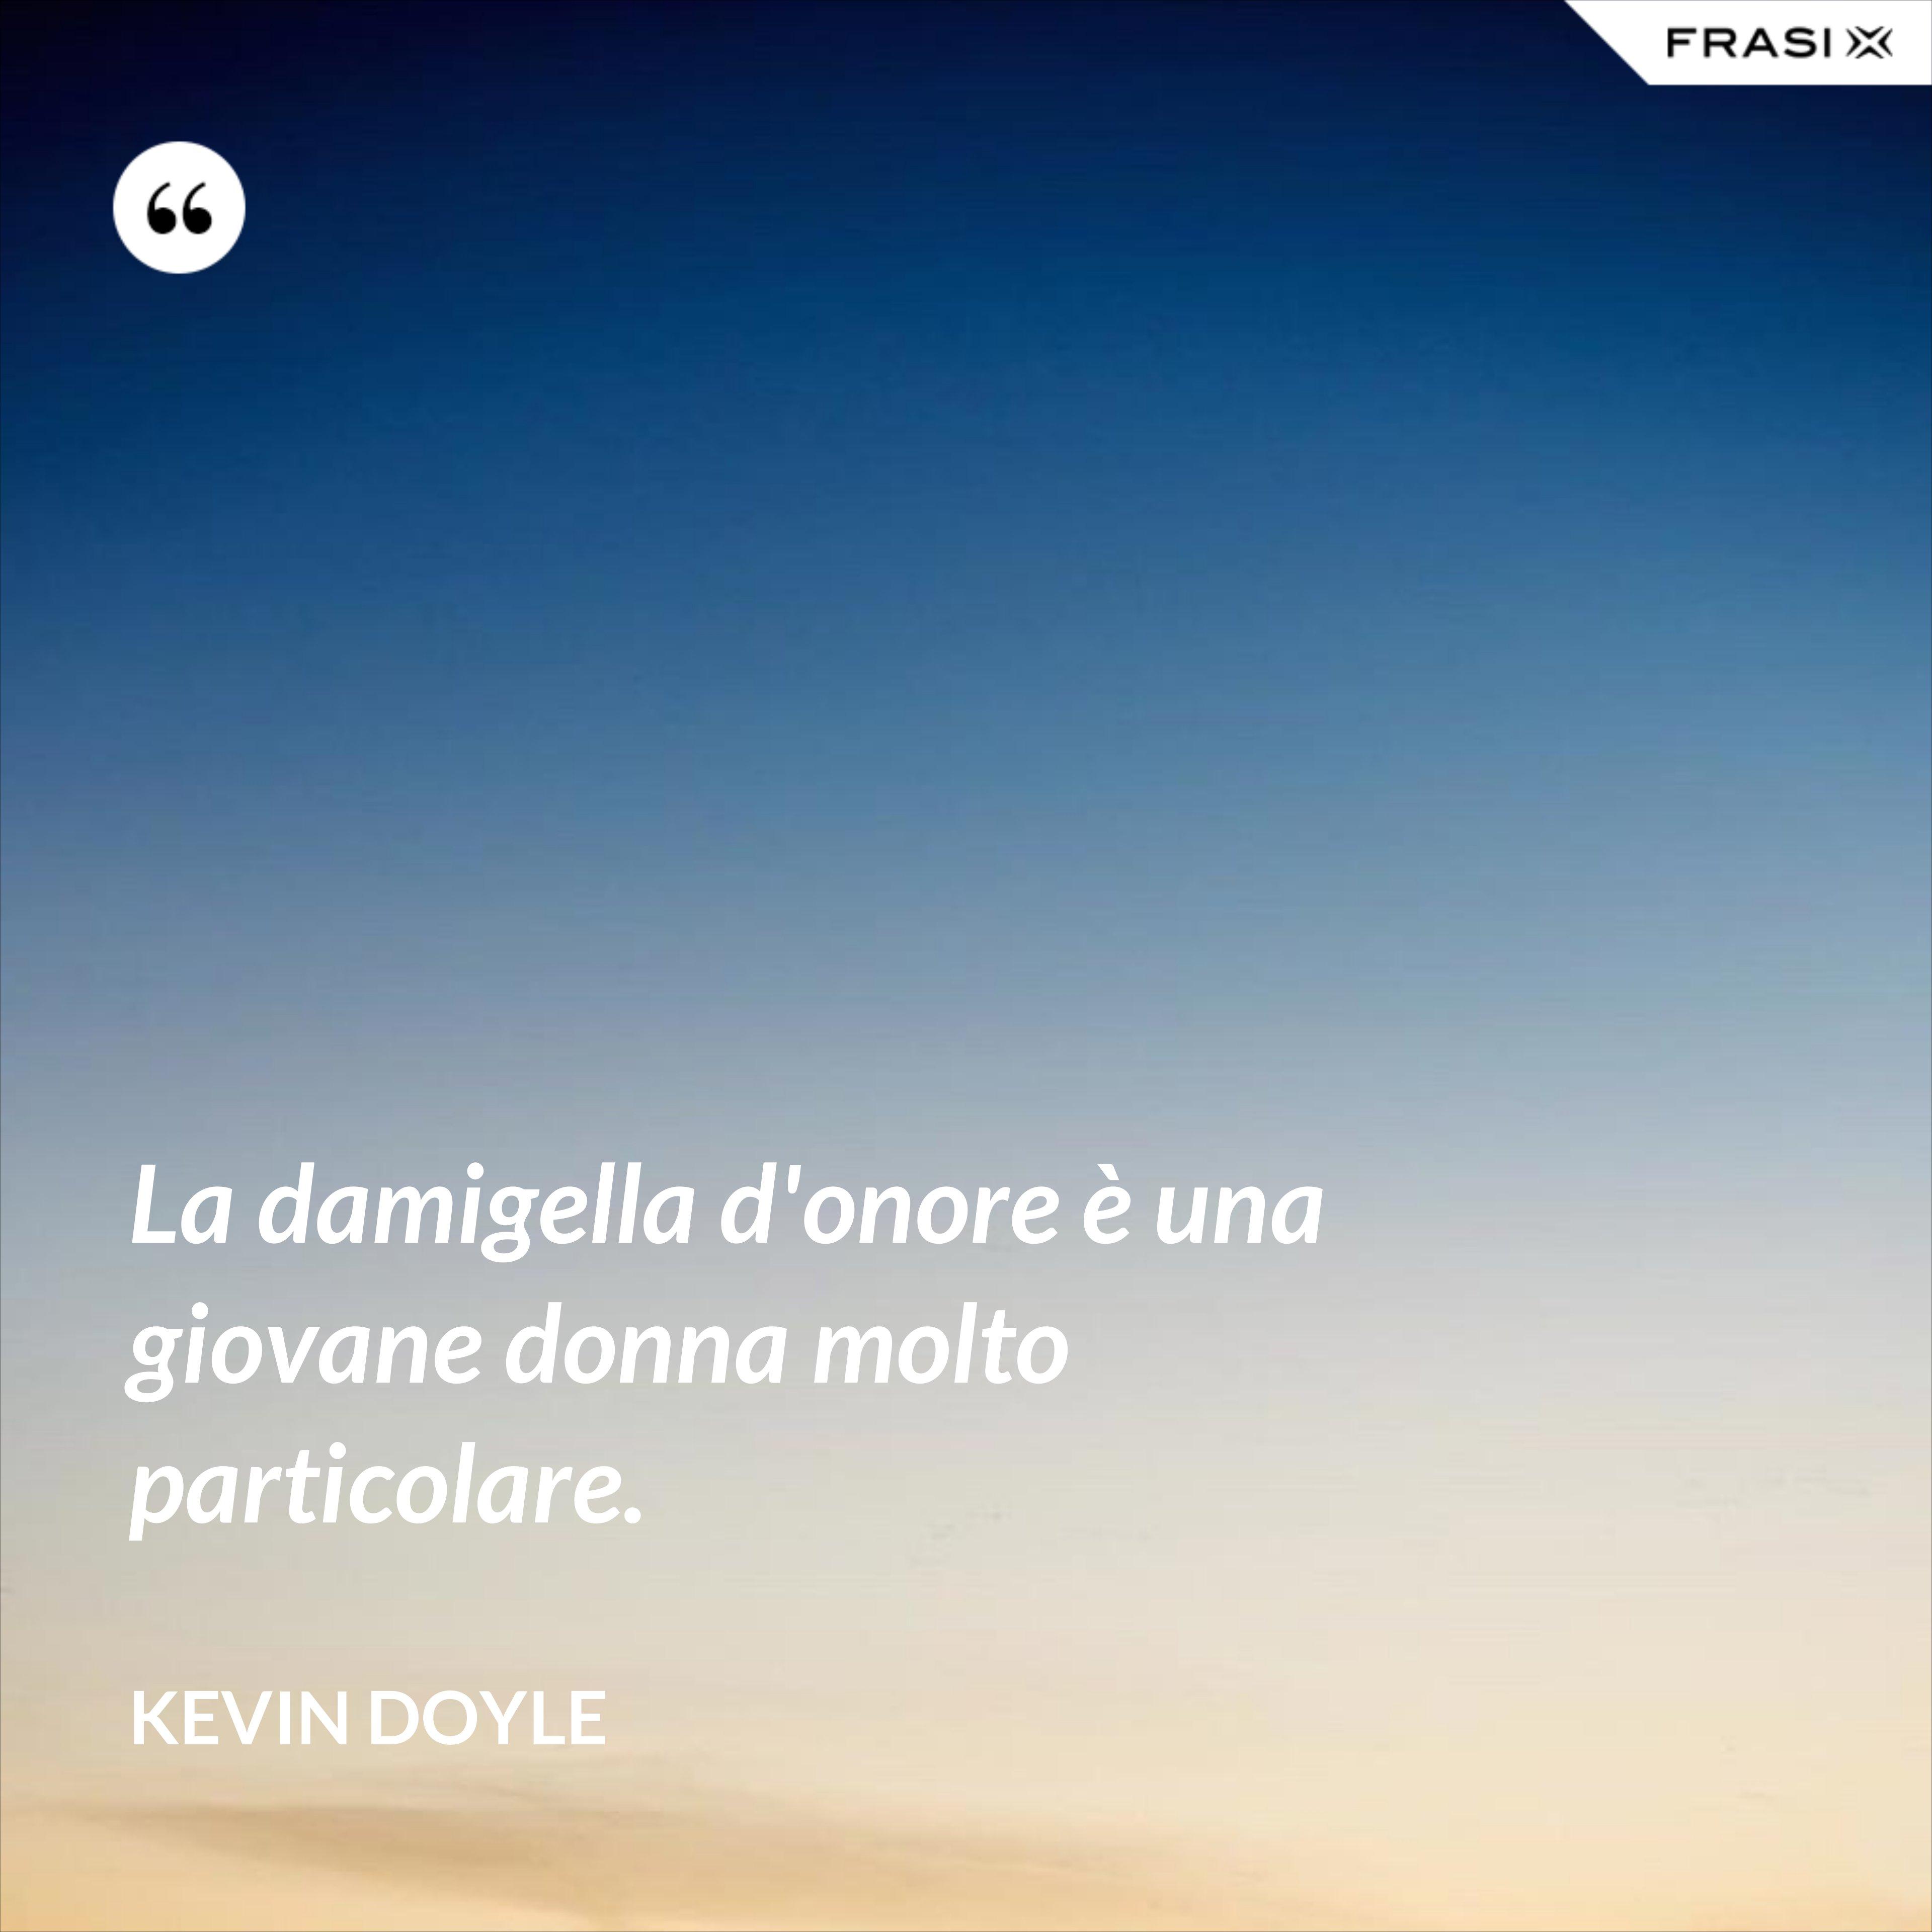 La damigella d'onore è una giovane donna molto particolare. - Kevin Doyle